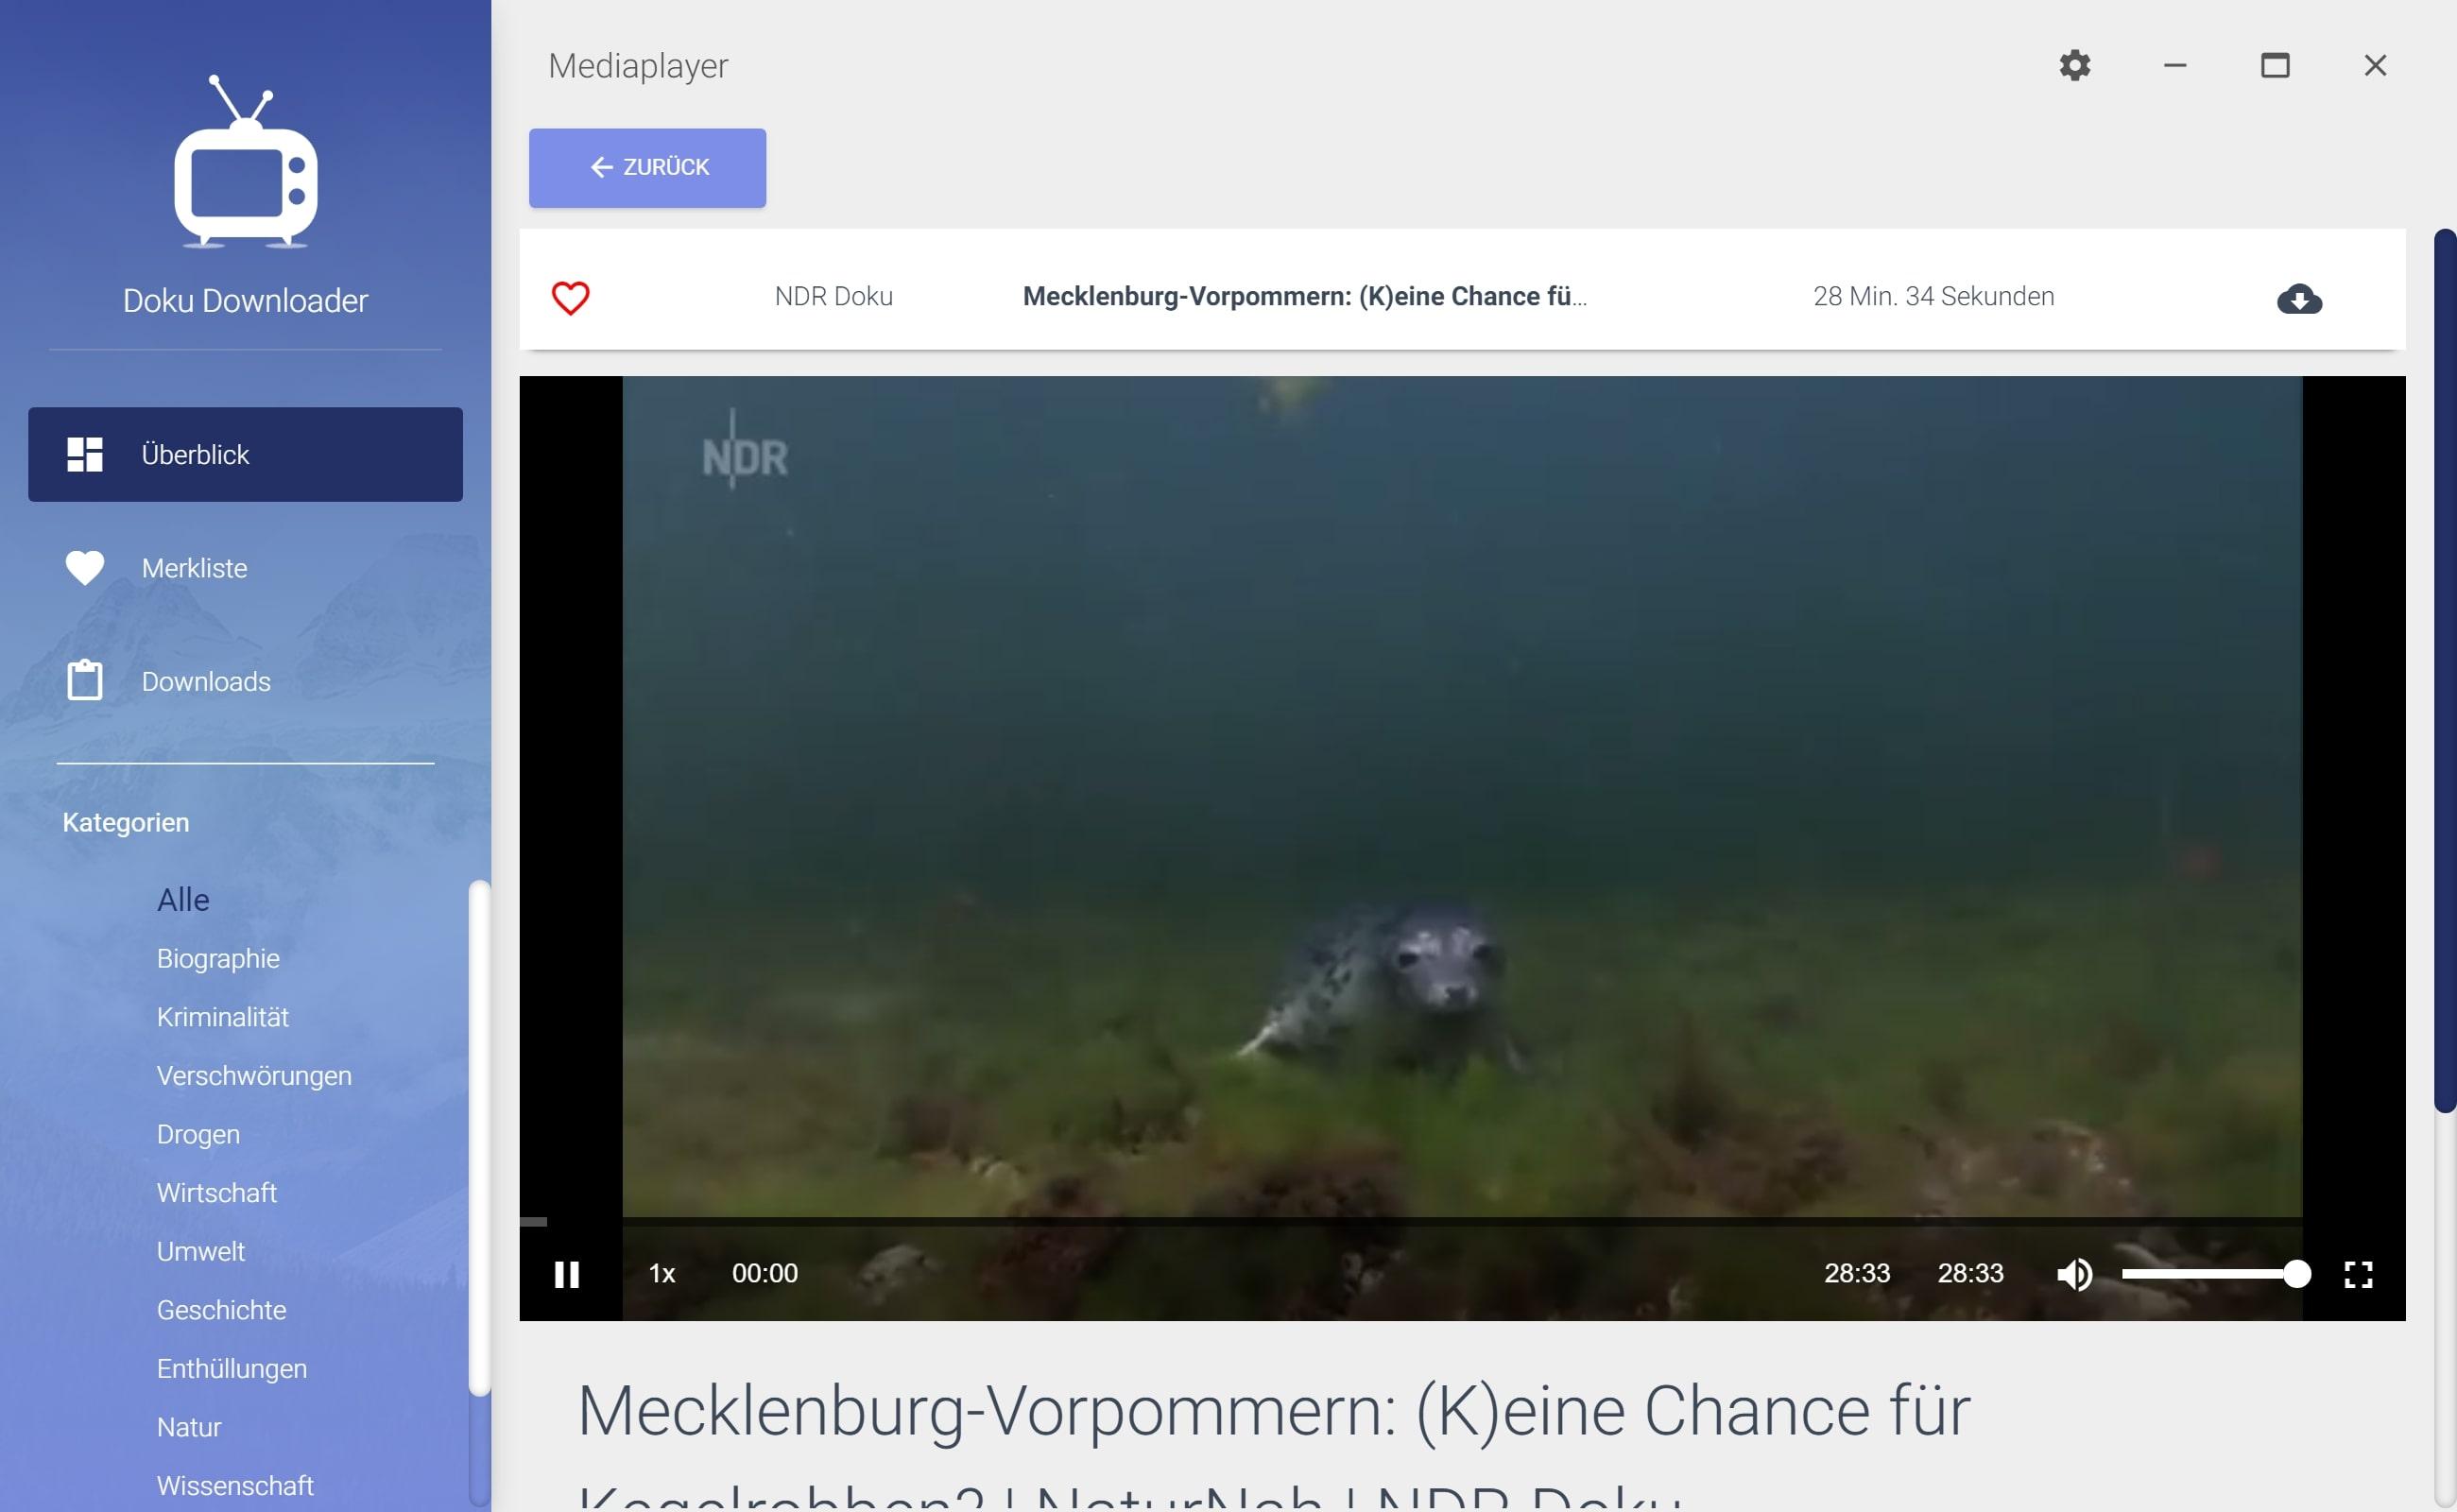 NDR Dokumentation aus Mediathek herunterladen - Detailansicht